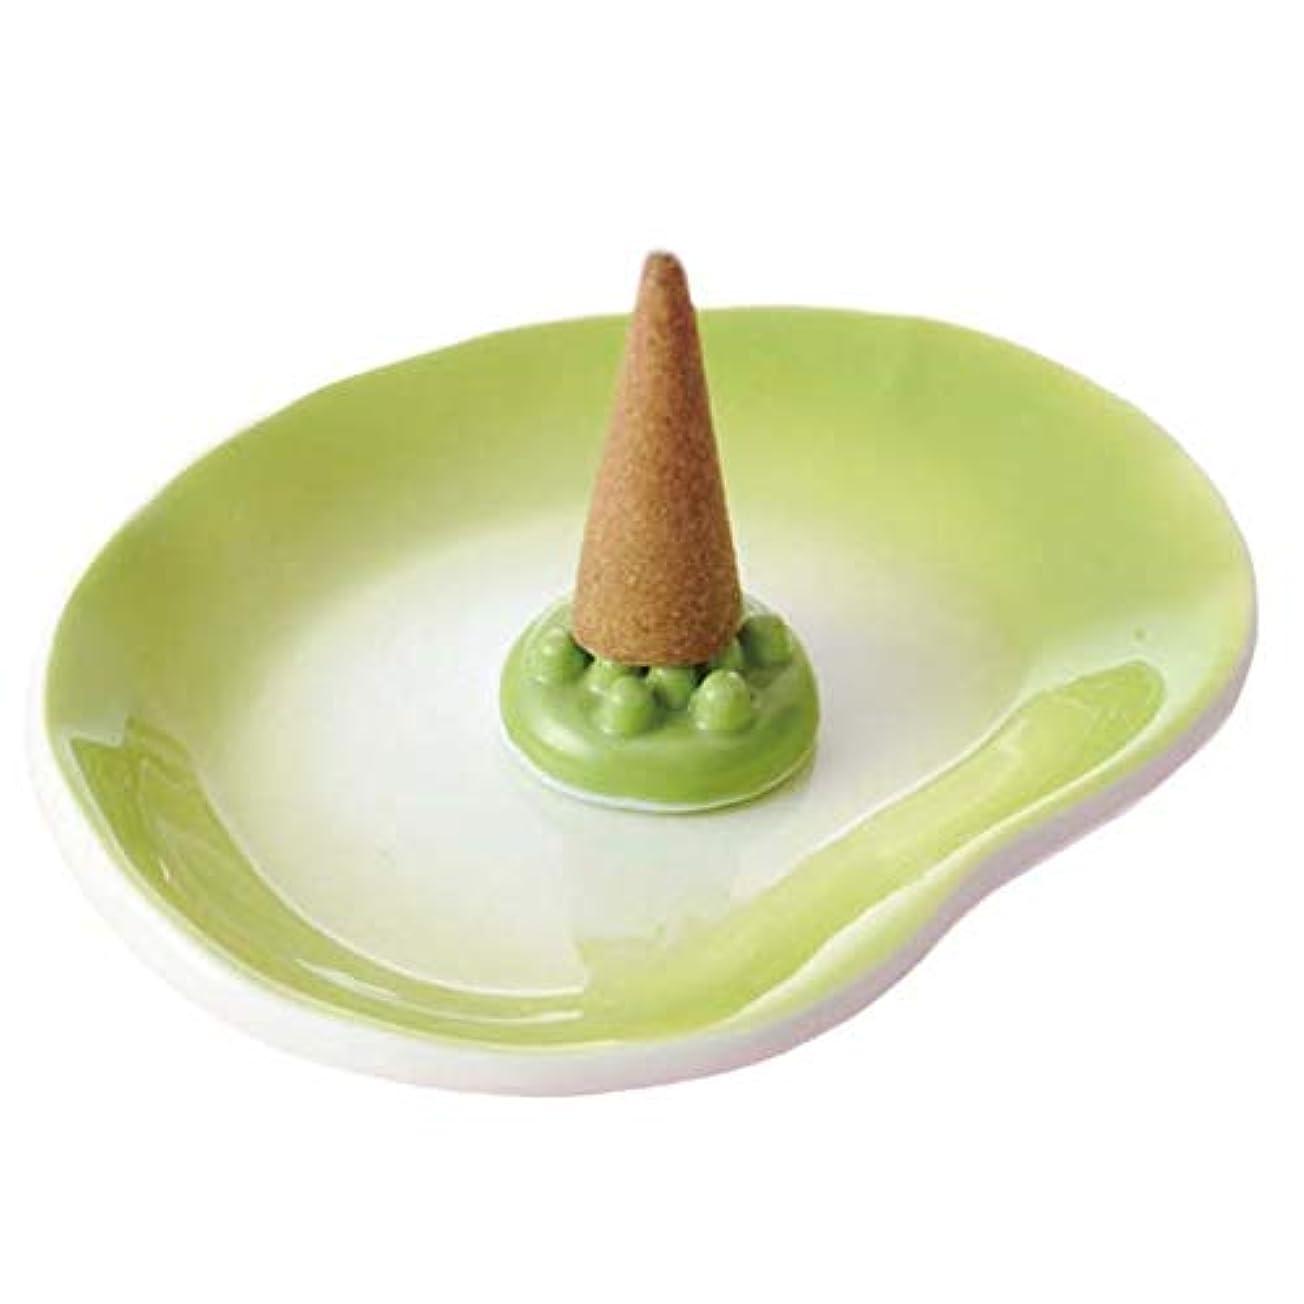 汚い時々時々減らす香皿 香立て/吹き まゆ型香皿 緑(香玉付) /香り アロマ 癒やし リラックス インテリア プレゼント 贈り物